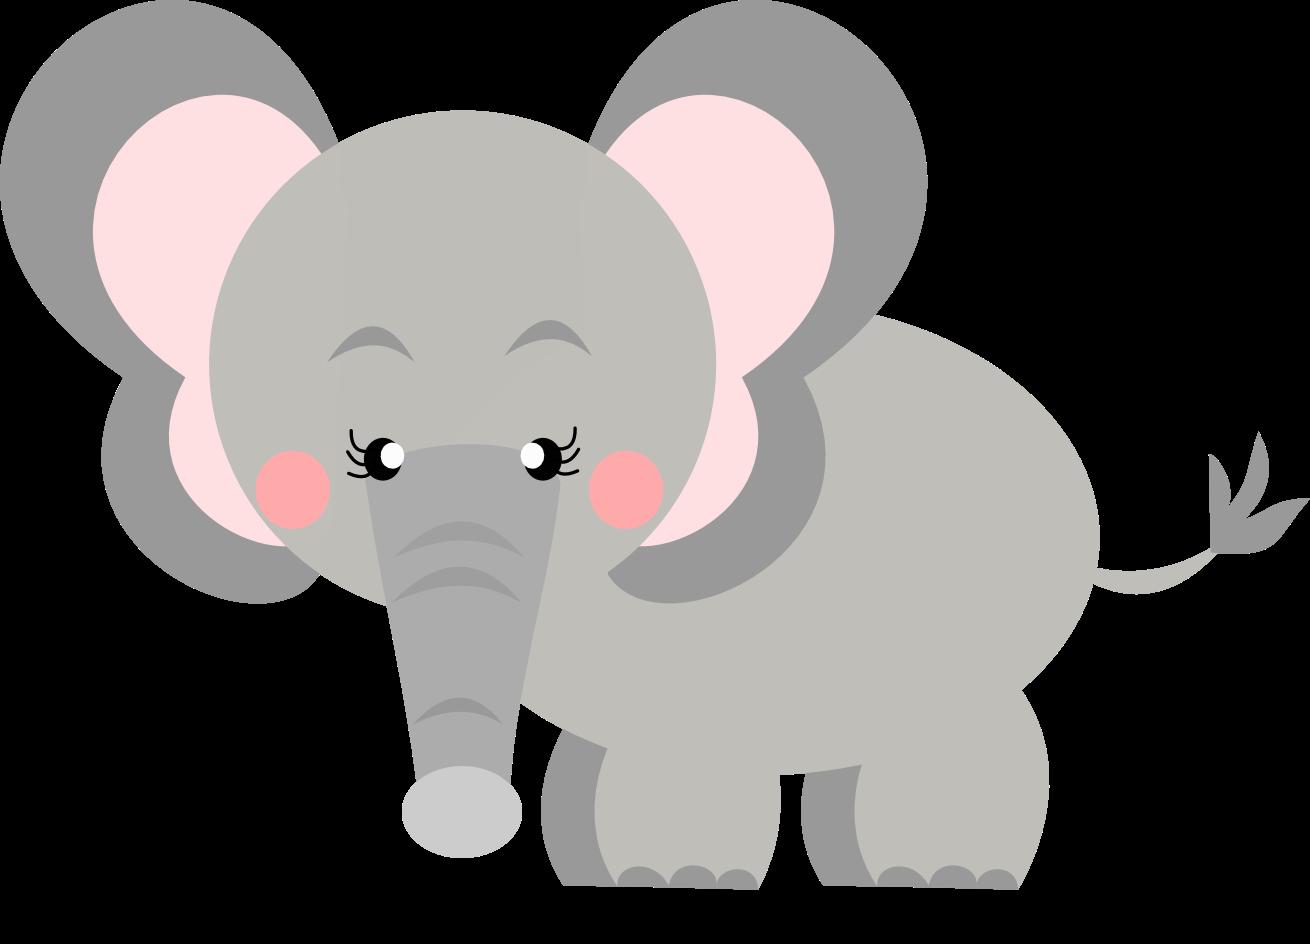 Vetor safari imagens gr. Mouse clipart elephant